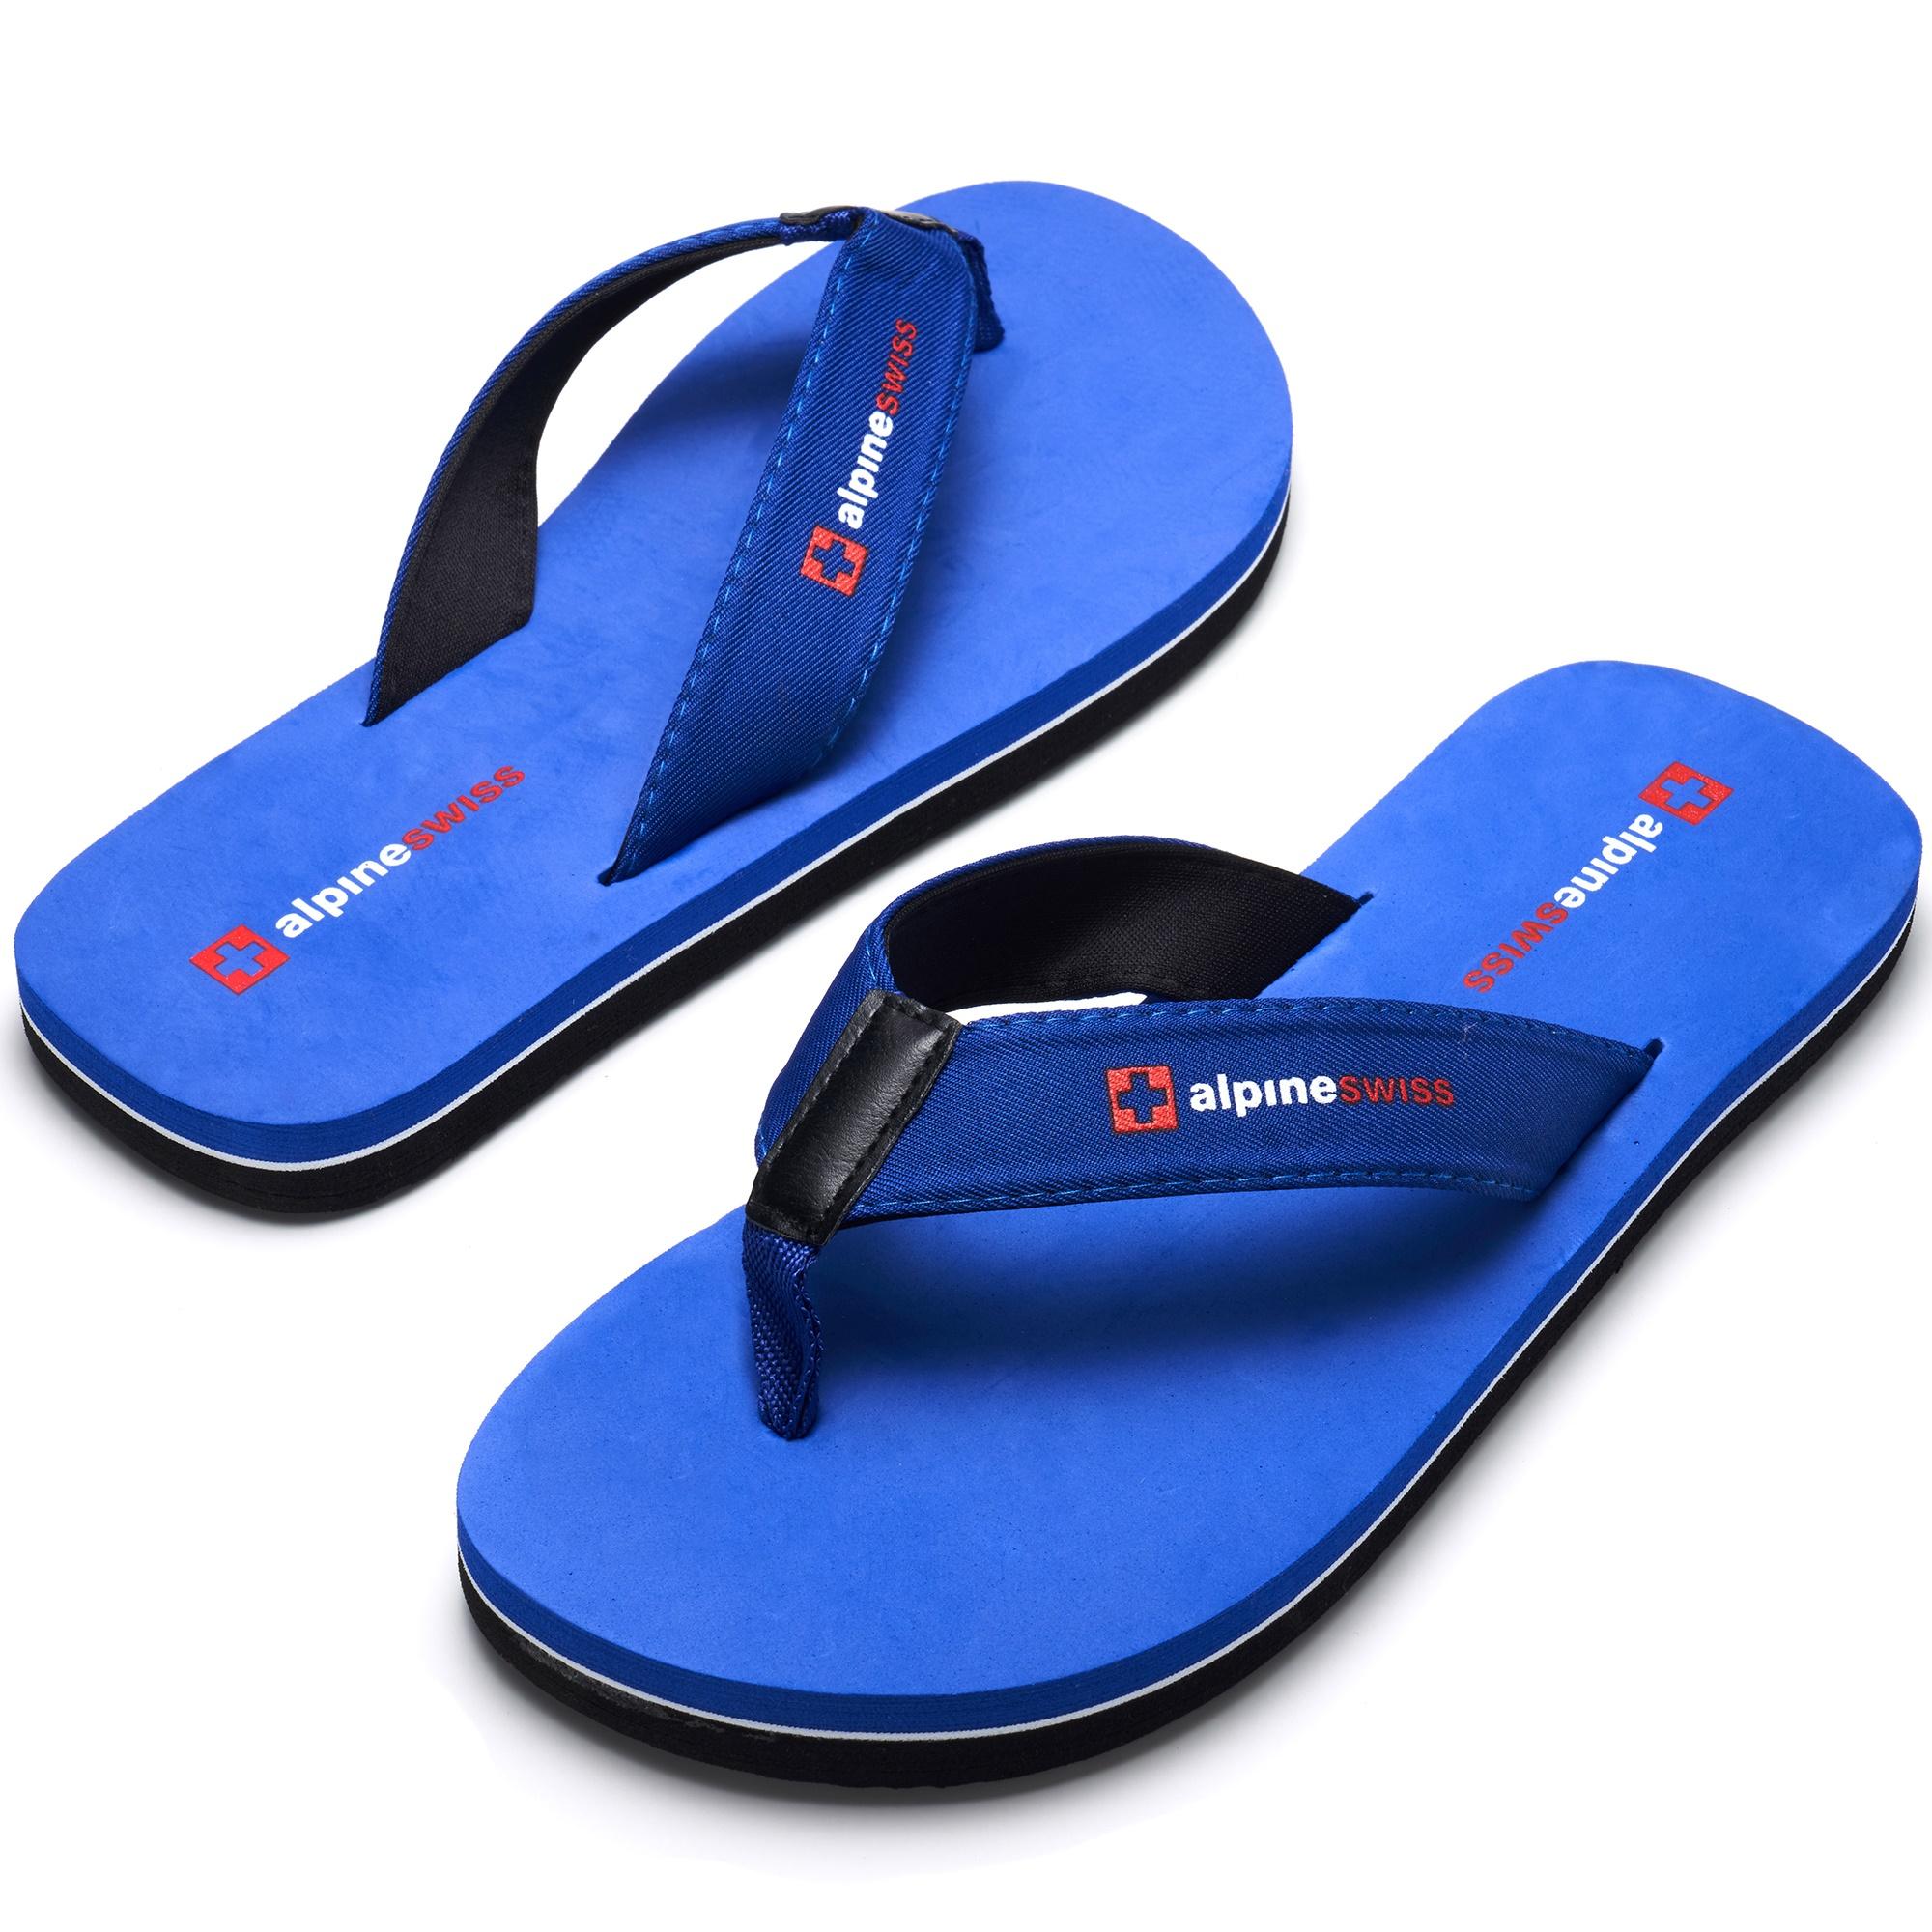 thumbnail 36 - Alpine Swiss Mens Flip Flops Beach Sandals Lightweight EVA Sole Comfort Thongs